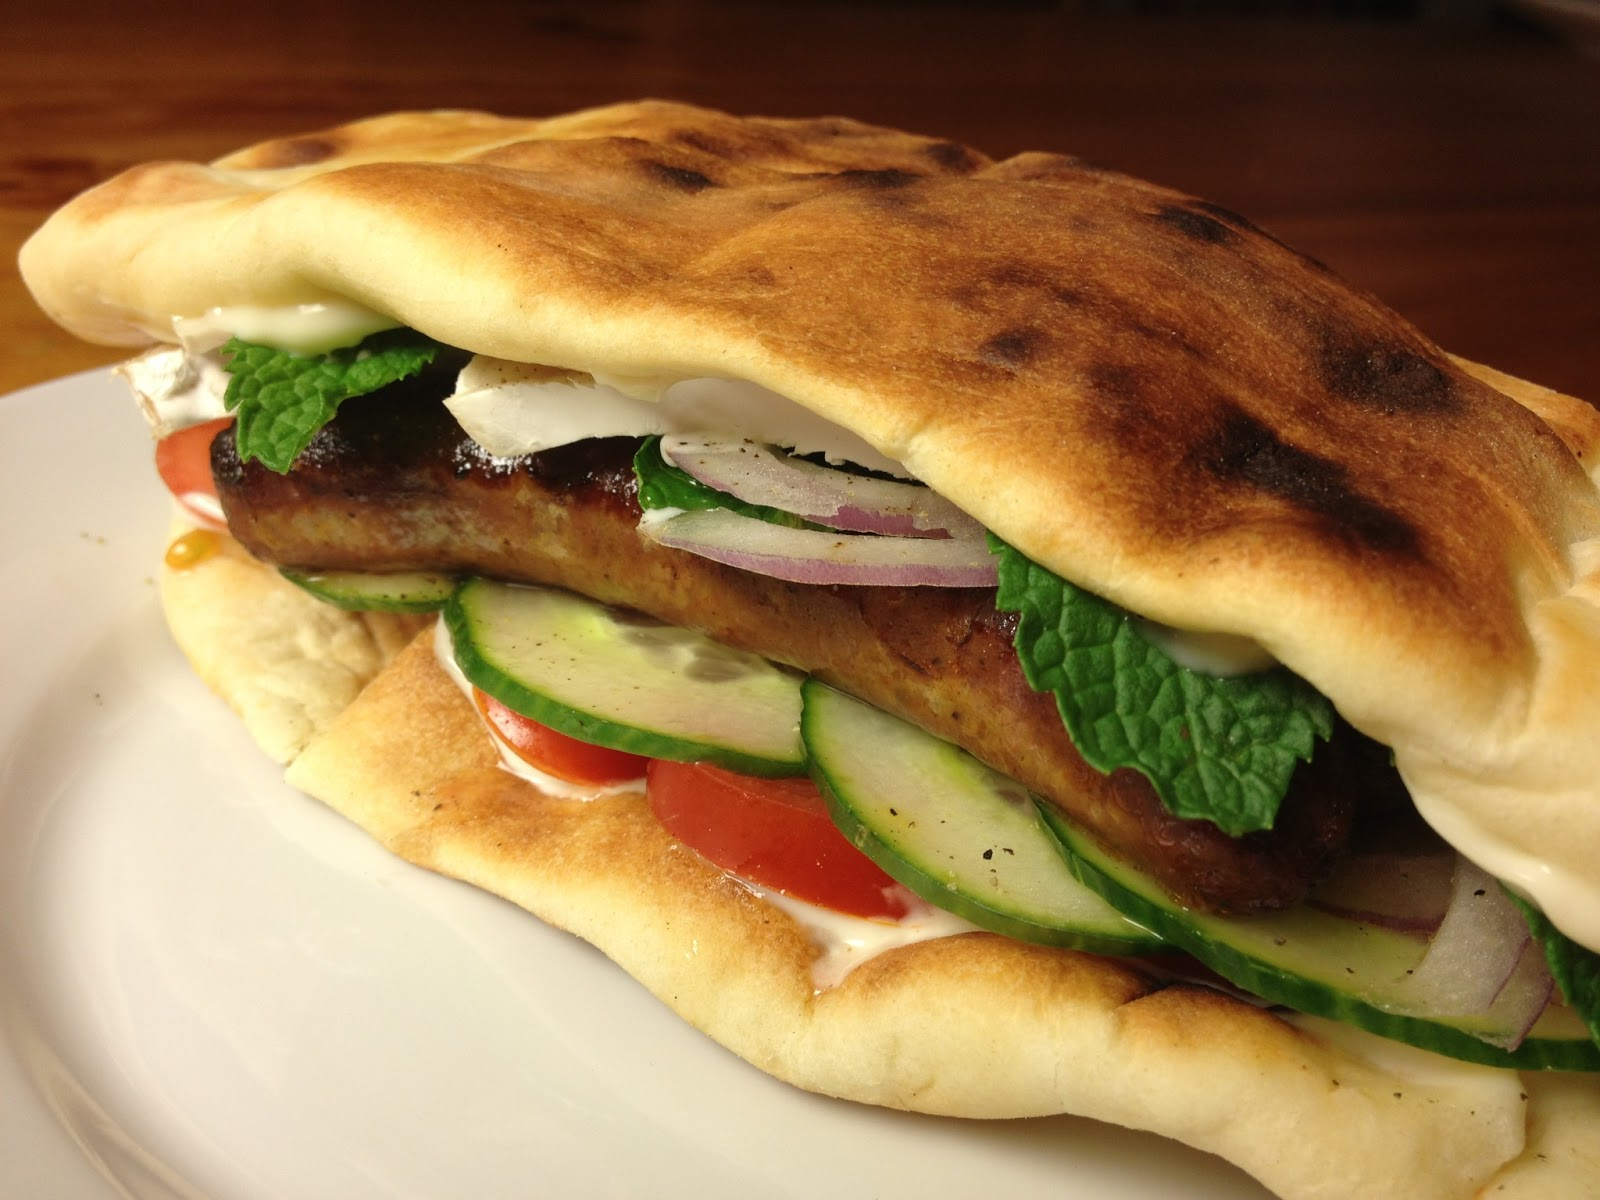 Comment faire un sandwich ?